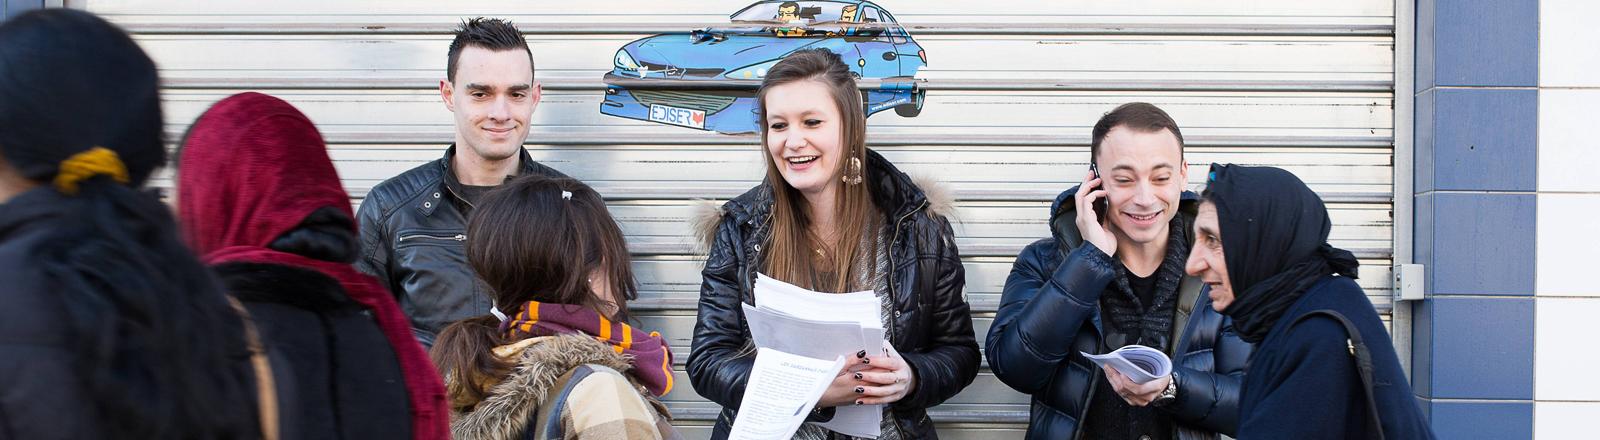 Jugendliche verteilen Flugblätter des Front National in Marseille